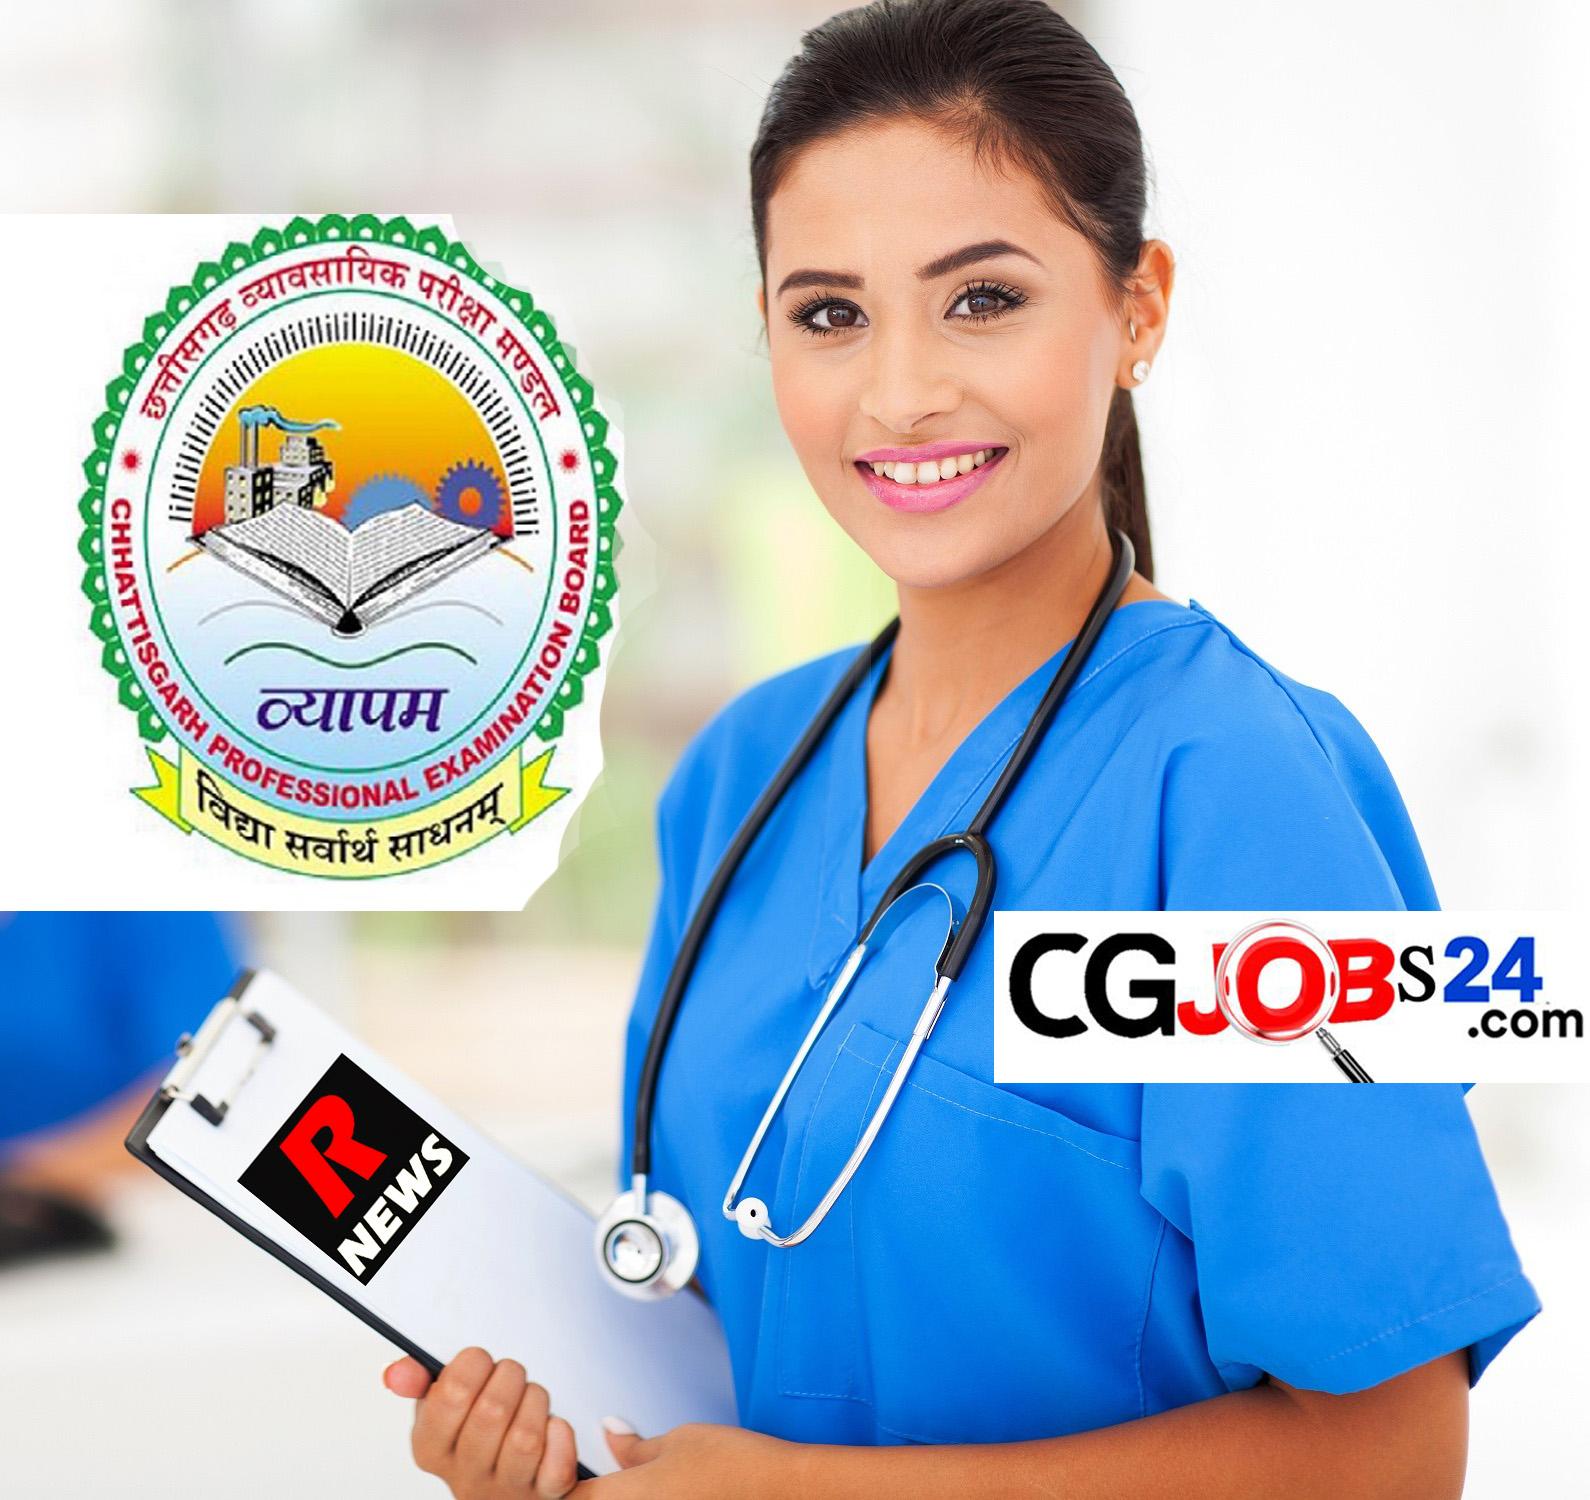 Photo of बीएससी नर्सिंग प्रवेश परीक्षा के लिए आवेदन 30 जून  तक.. ऐसे करें आवेदन और बने नर्स